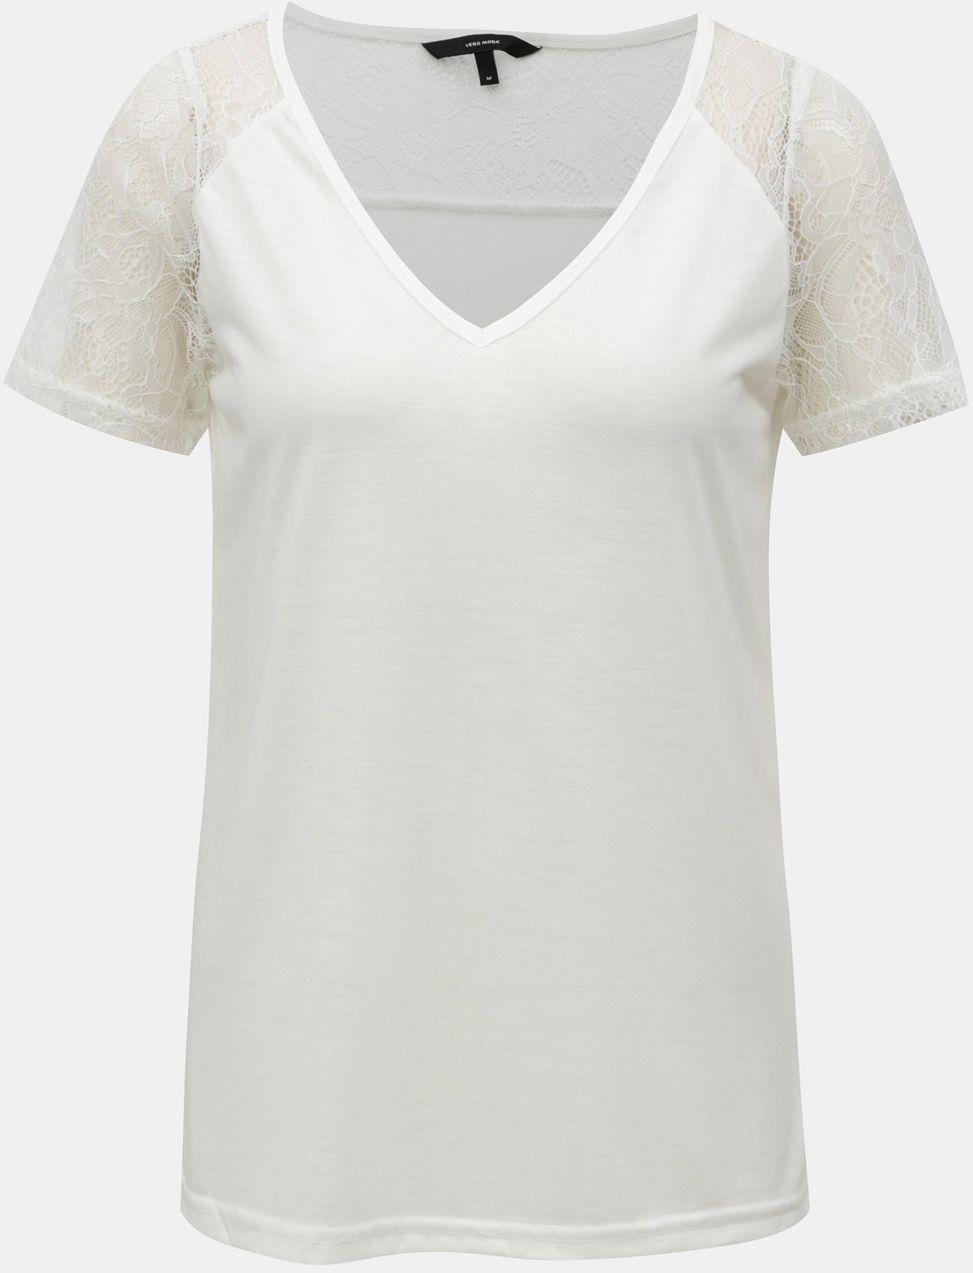 Biele tričko s čipkou VERO MODA Tille značky Vero Moda - Lovely.sk f2d8184e1a4